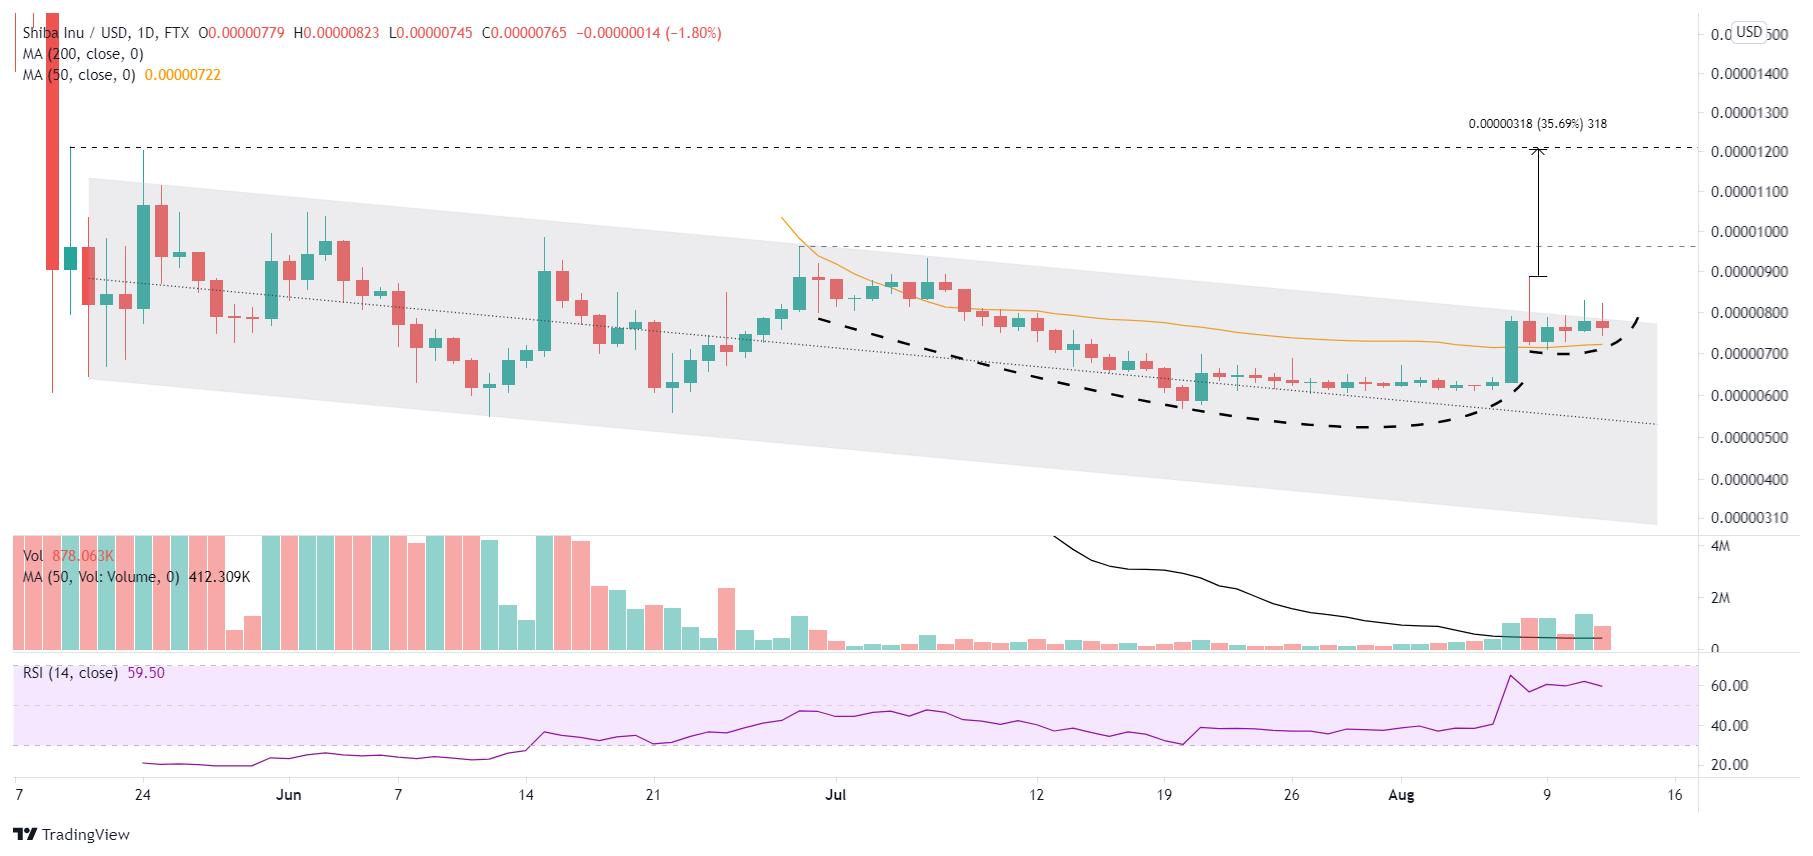 SHIB/USD daily chart